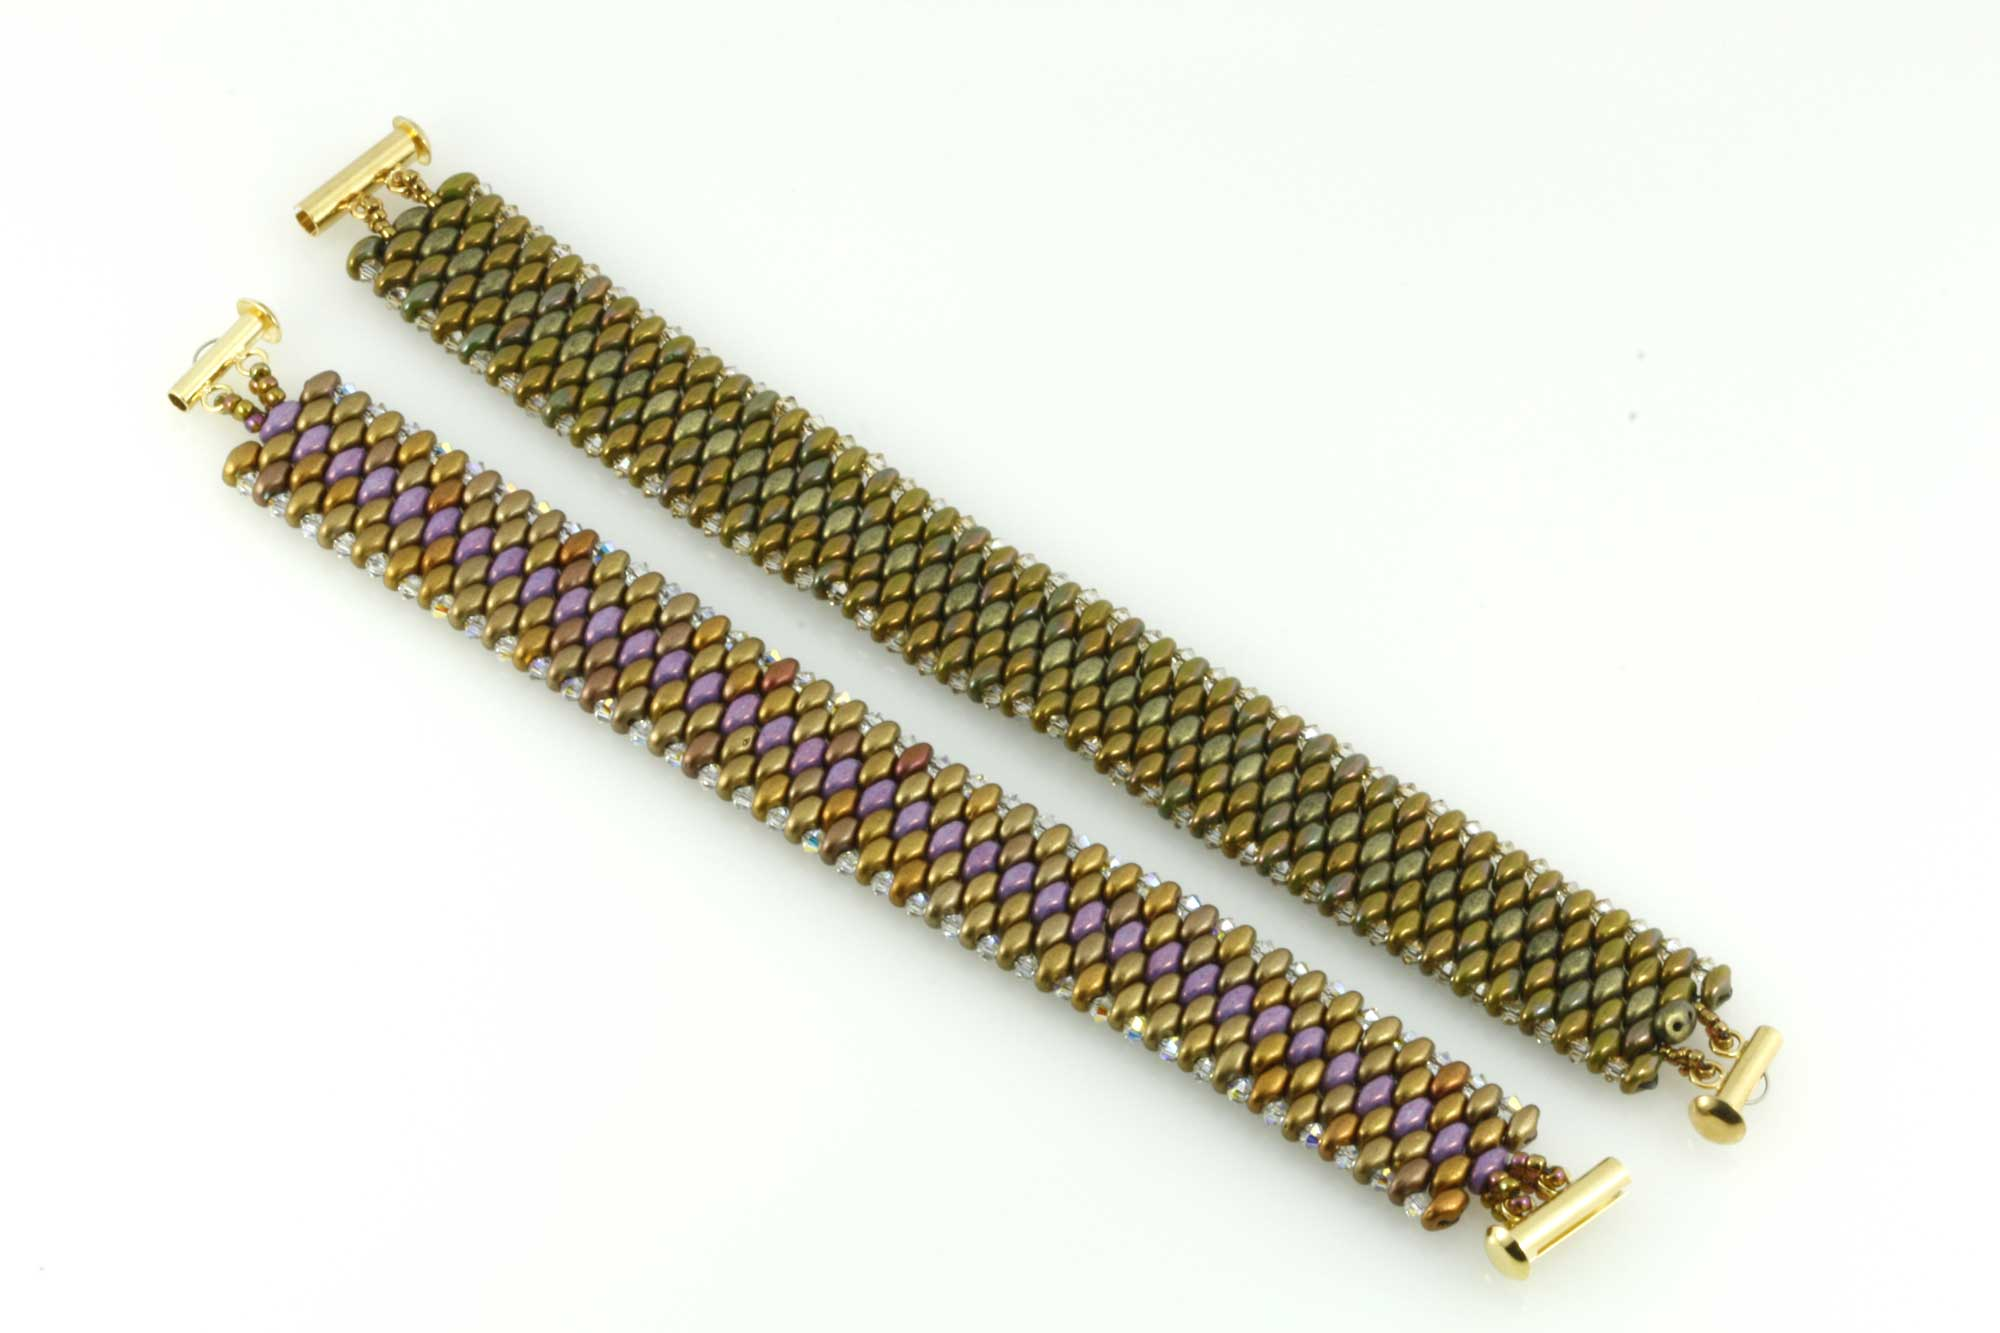 Snake skin superduo bracelet eureka crystal beads blog snake skin bracelet made of 25 mm swarovski bicones and superduos czechmates baditri Choice Image